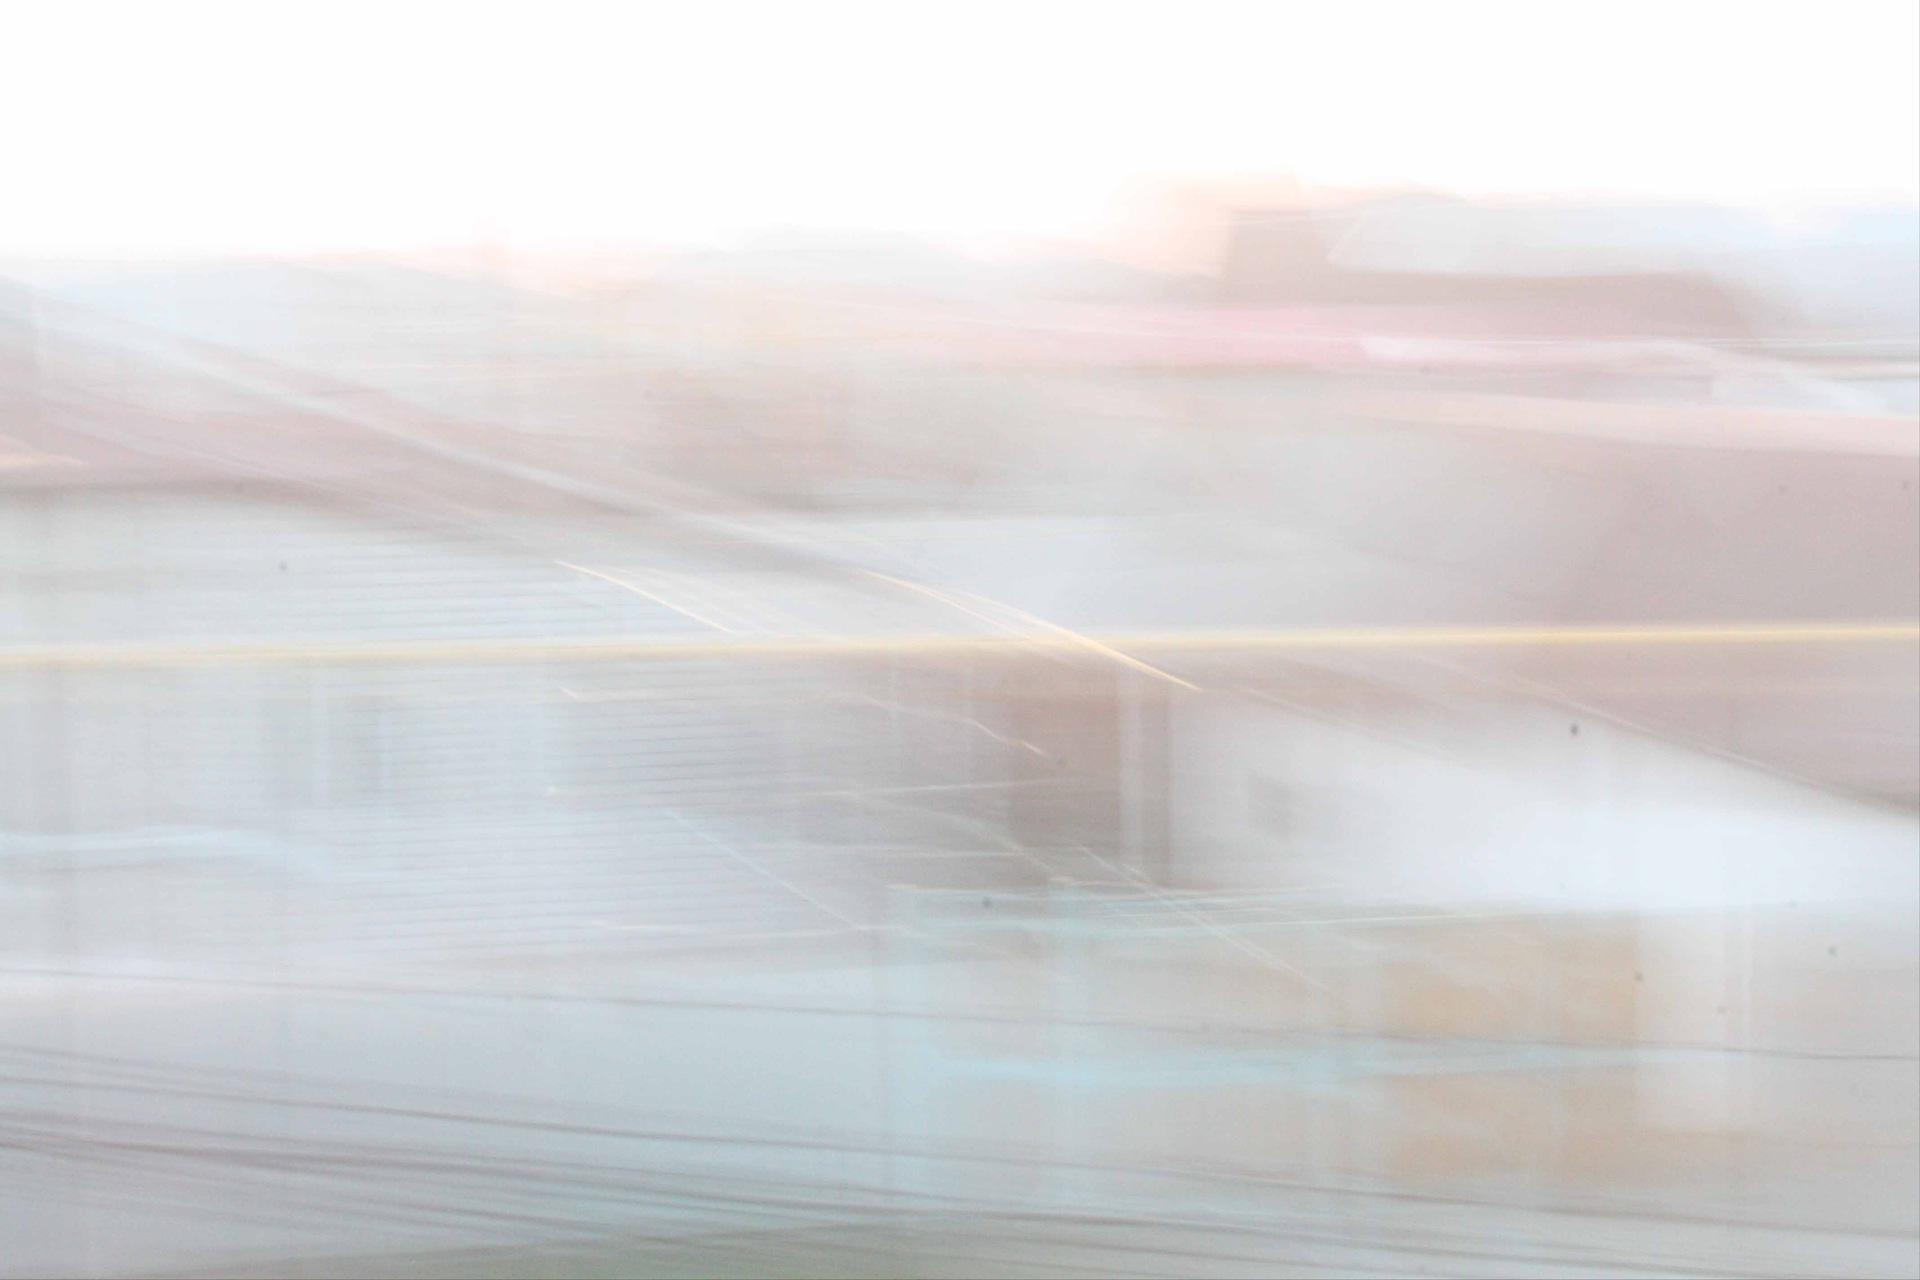 мутные светлые круги на фото объектив чистый